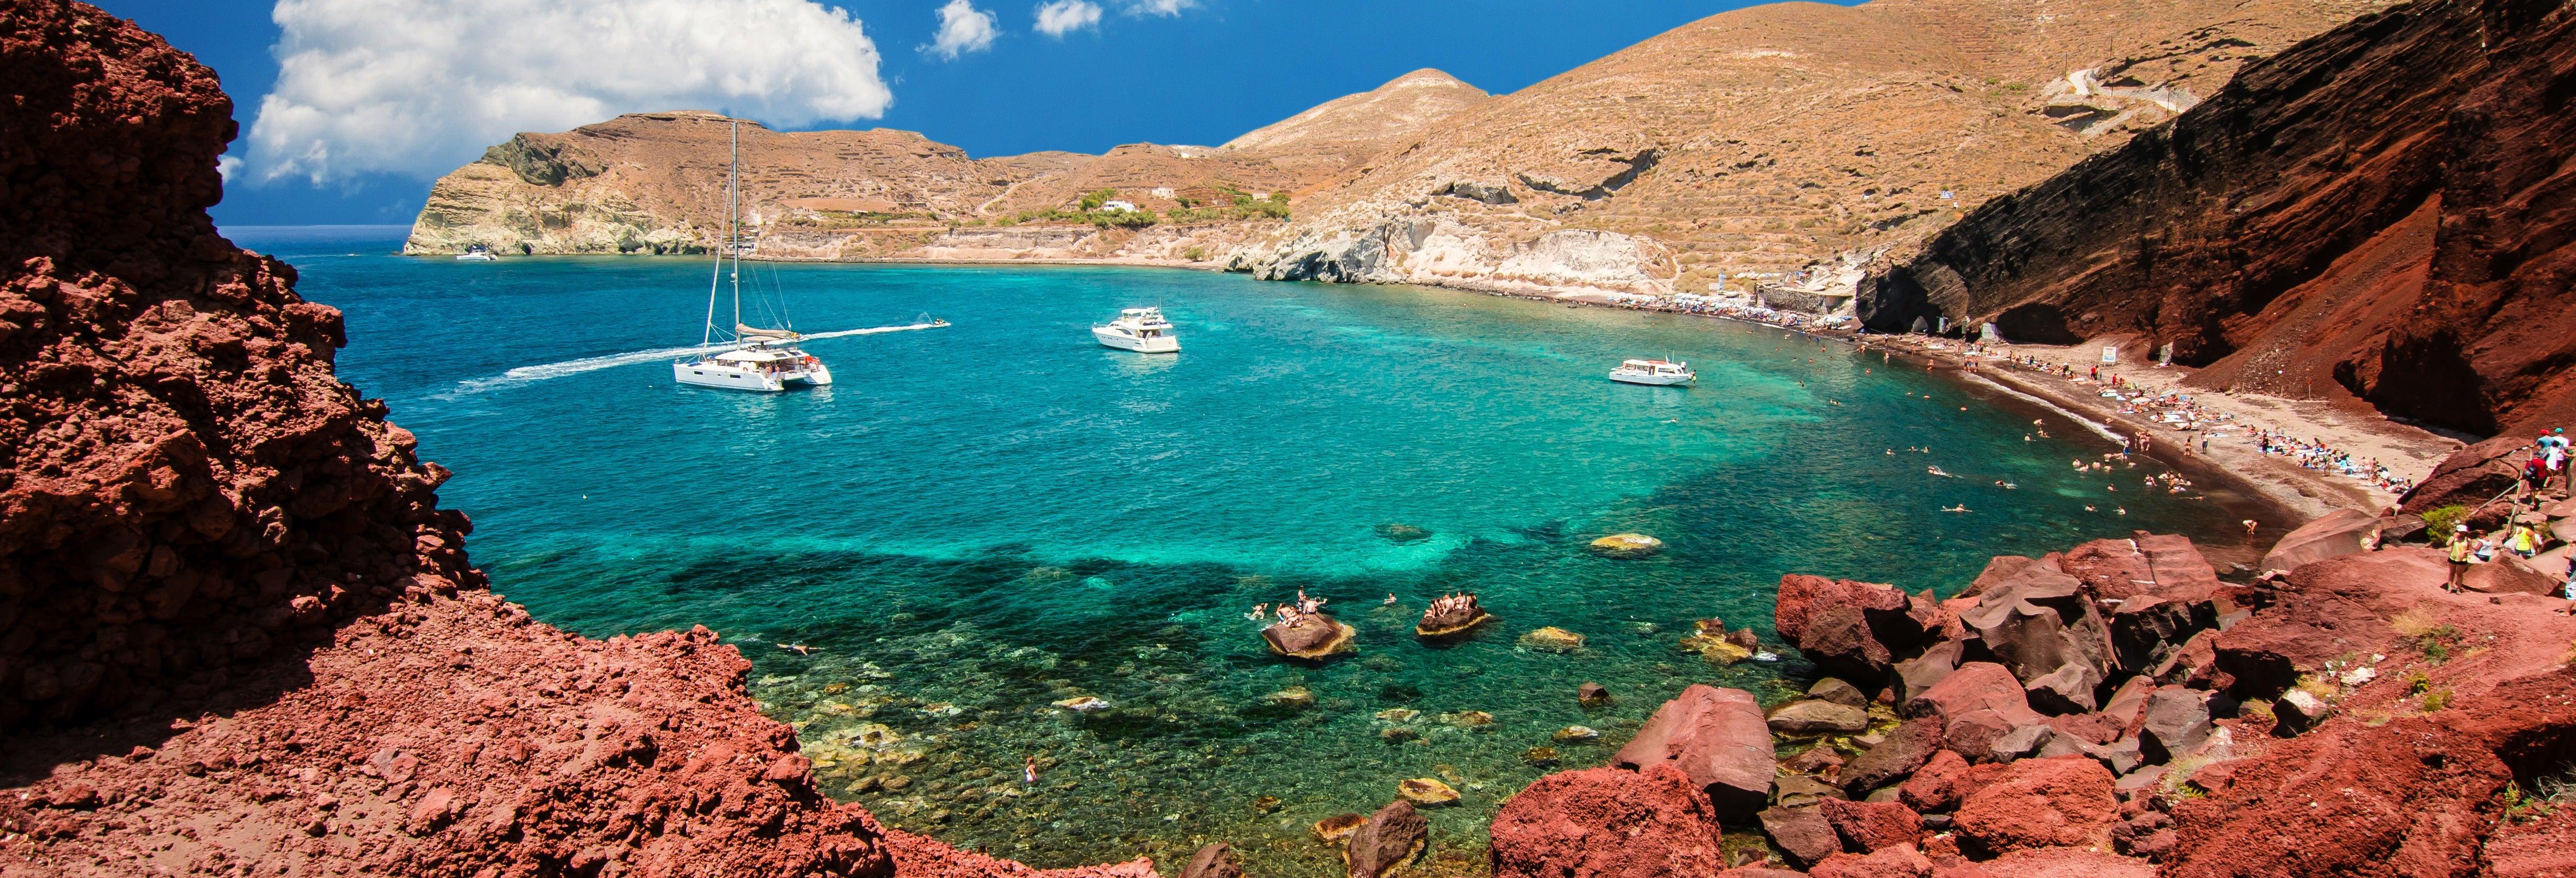 Excursão a Akrotíri, Praia Perissa e Oia